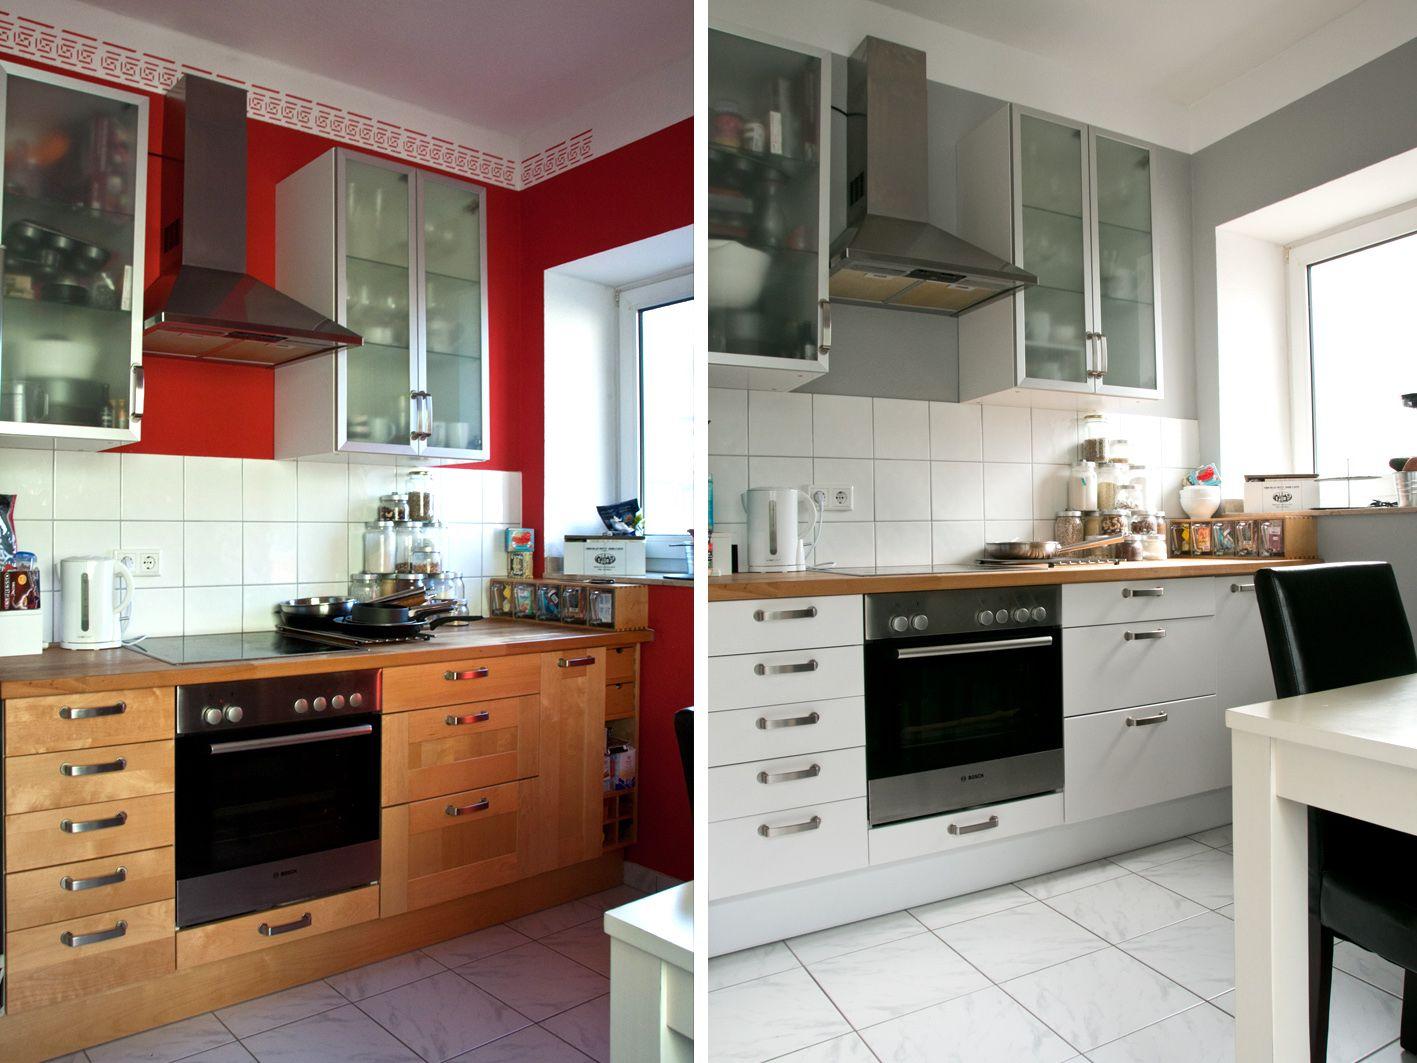 Folie Küche Bekleben   Kuche Mit Folie Bekleben Vorher Nachher Kuche Aufwerten Bekleben